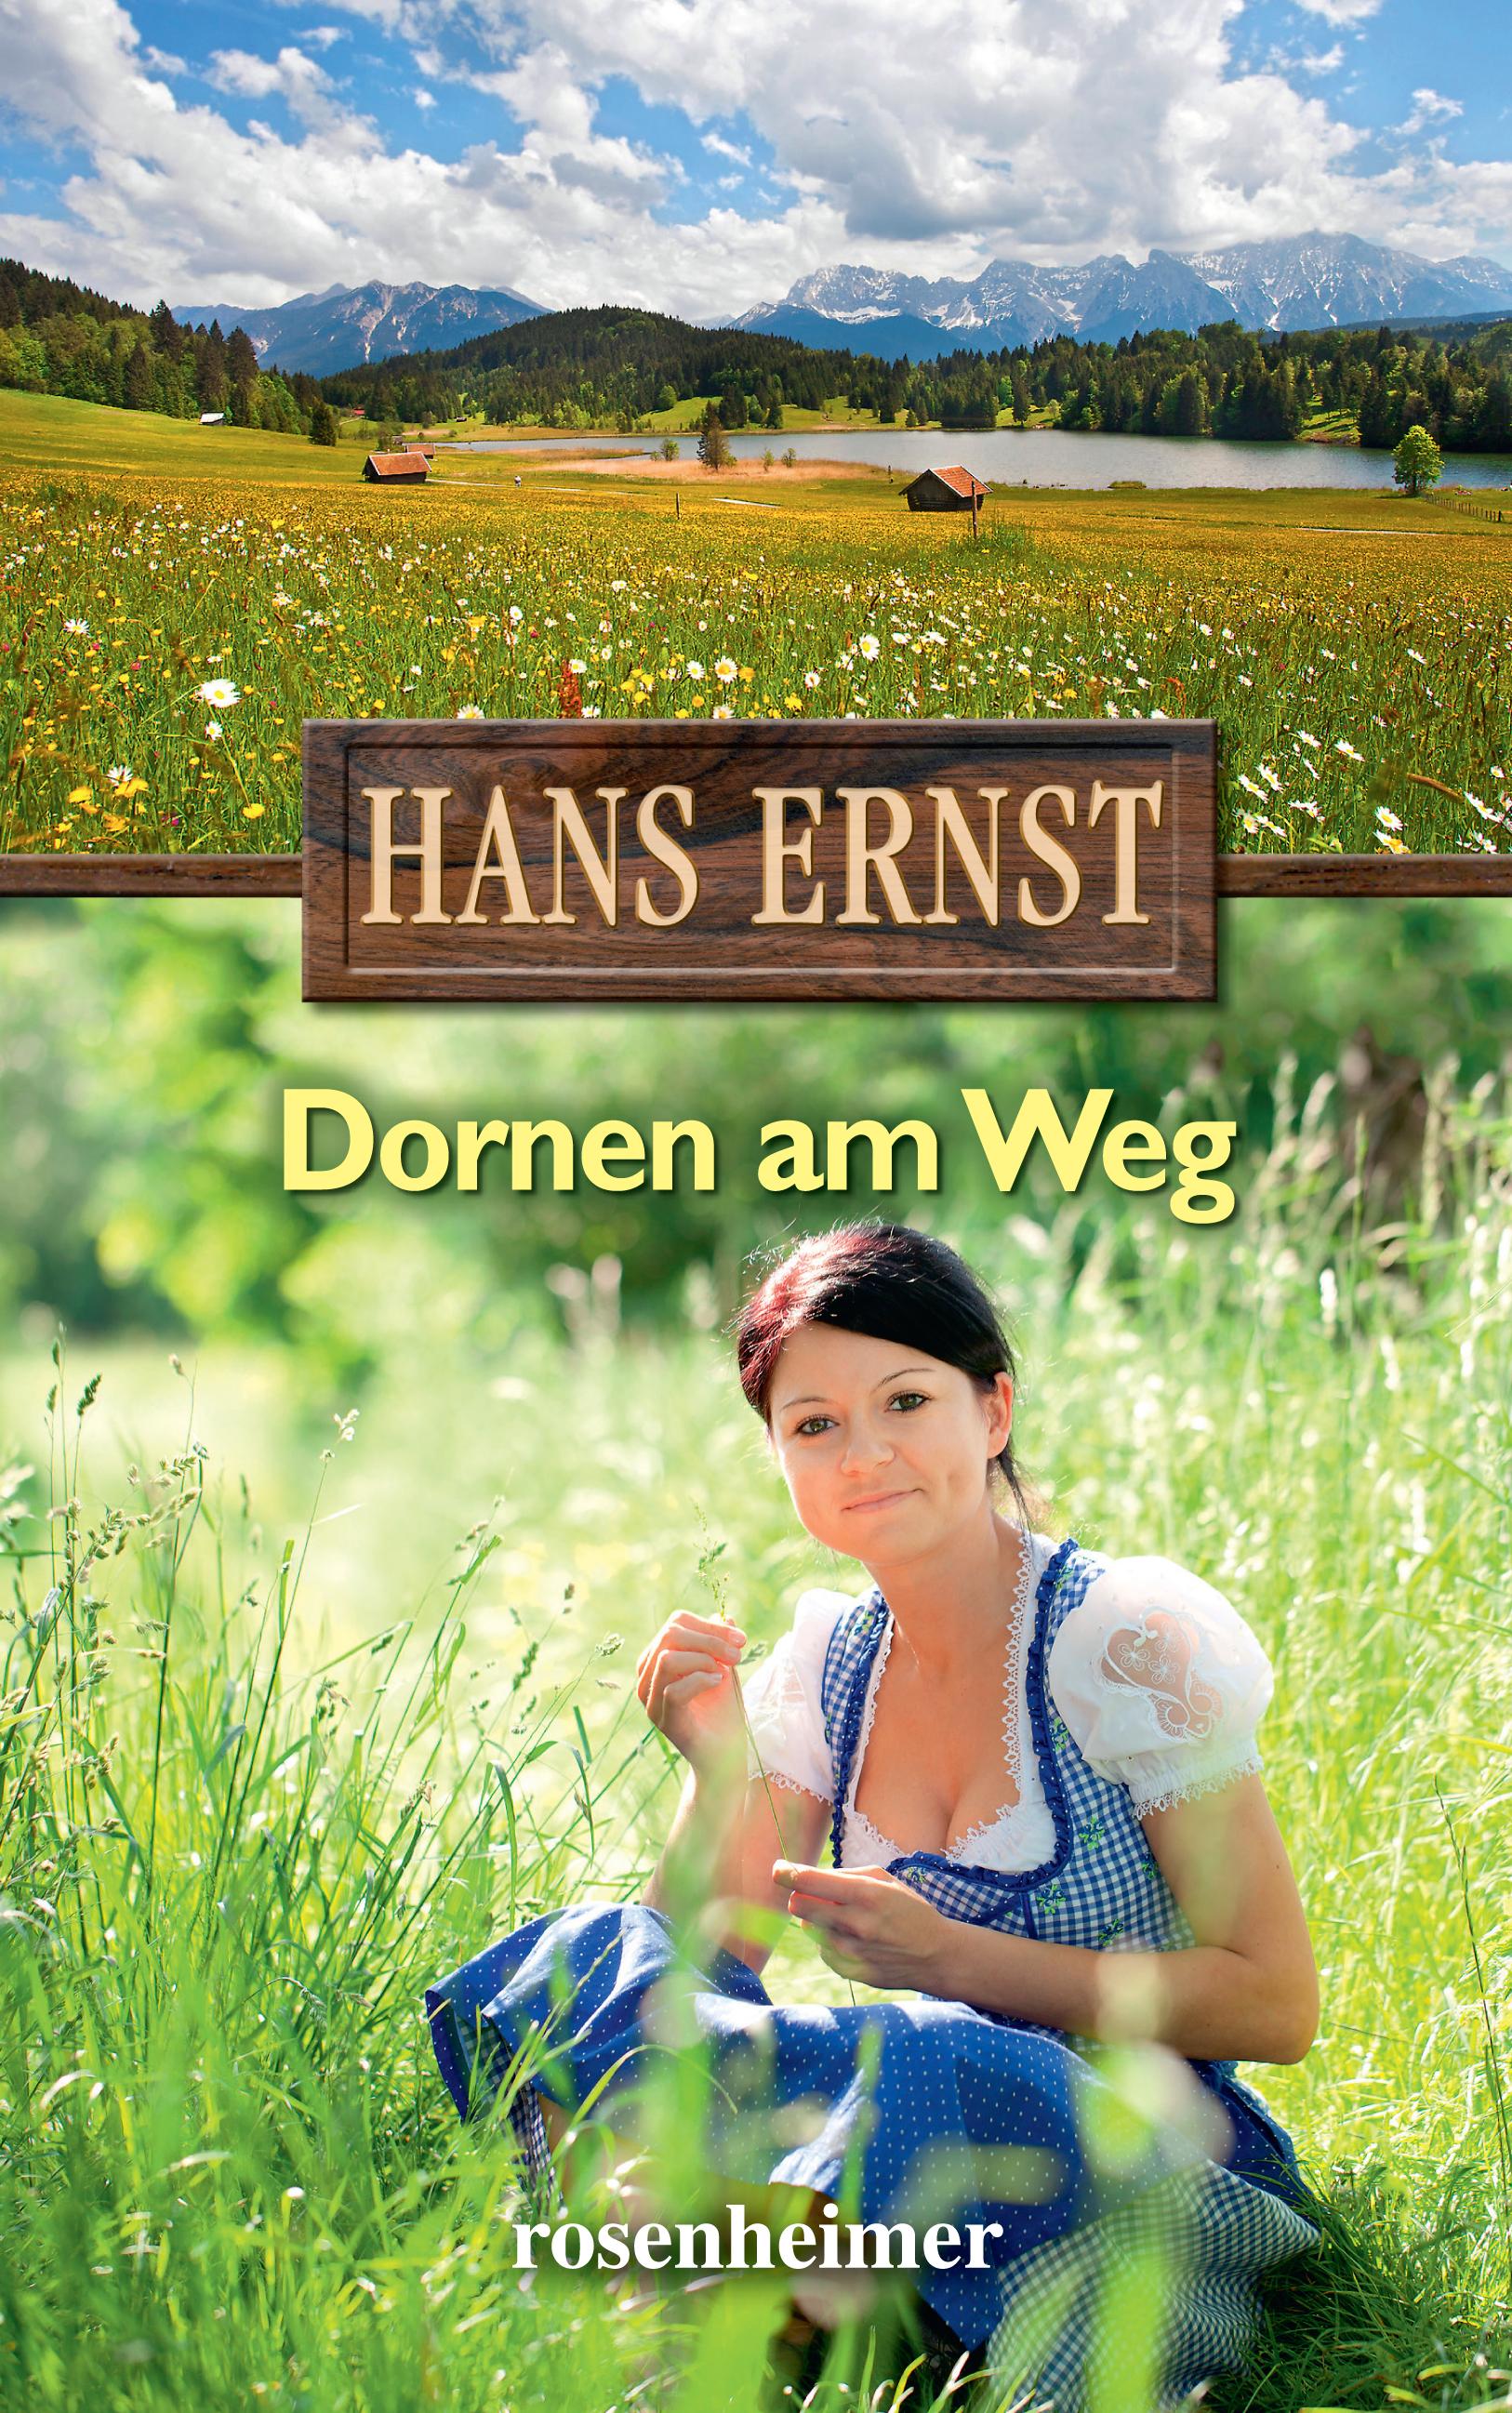 Hans Ernst Dornen am Weg kinck hans ernst italienere